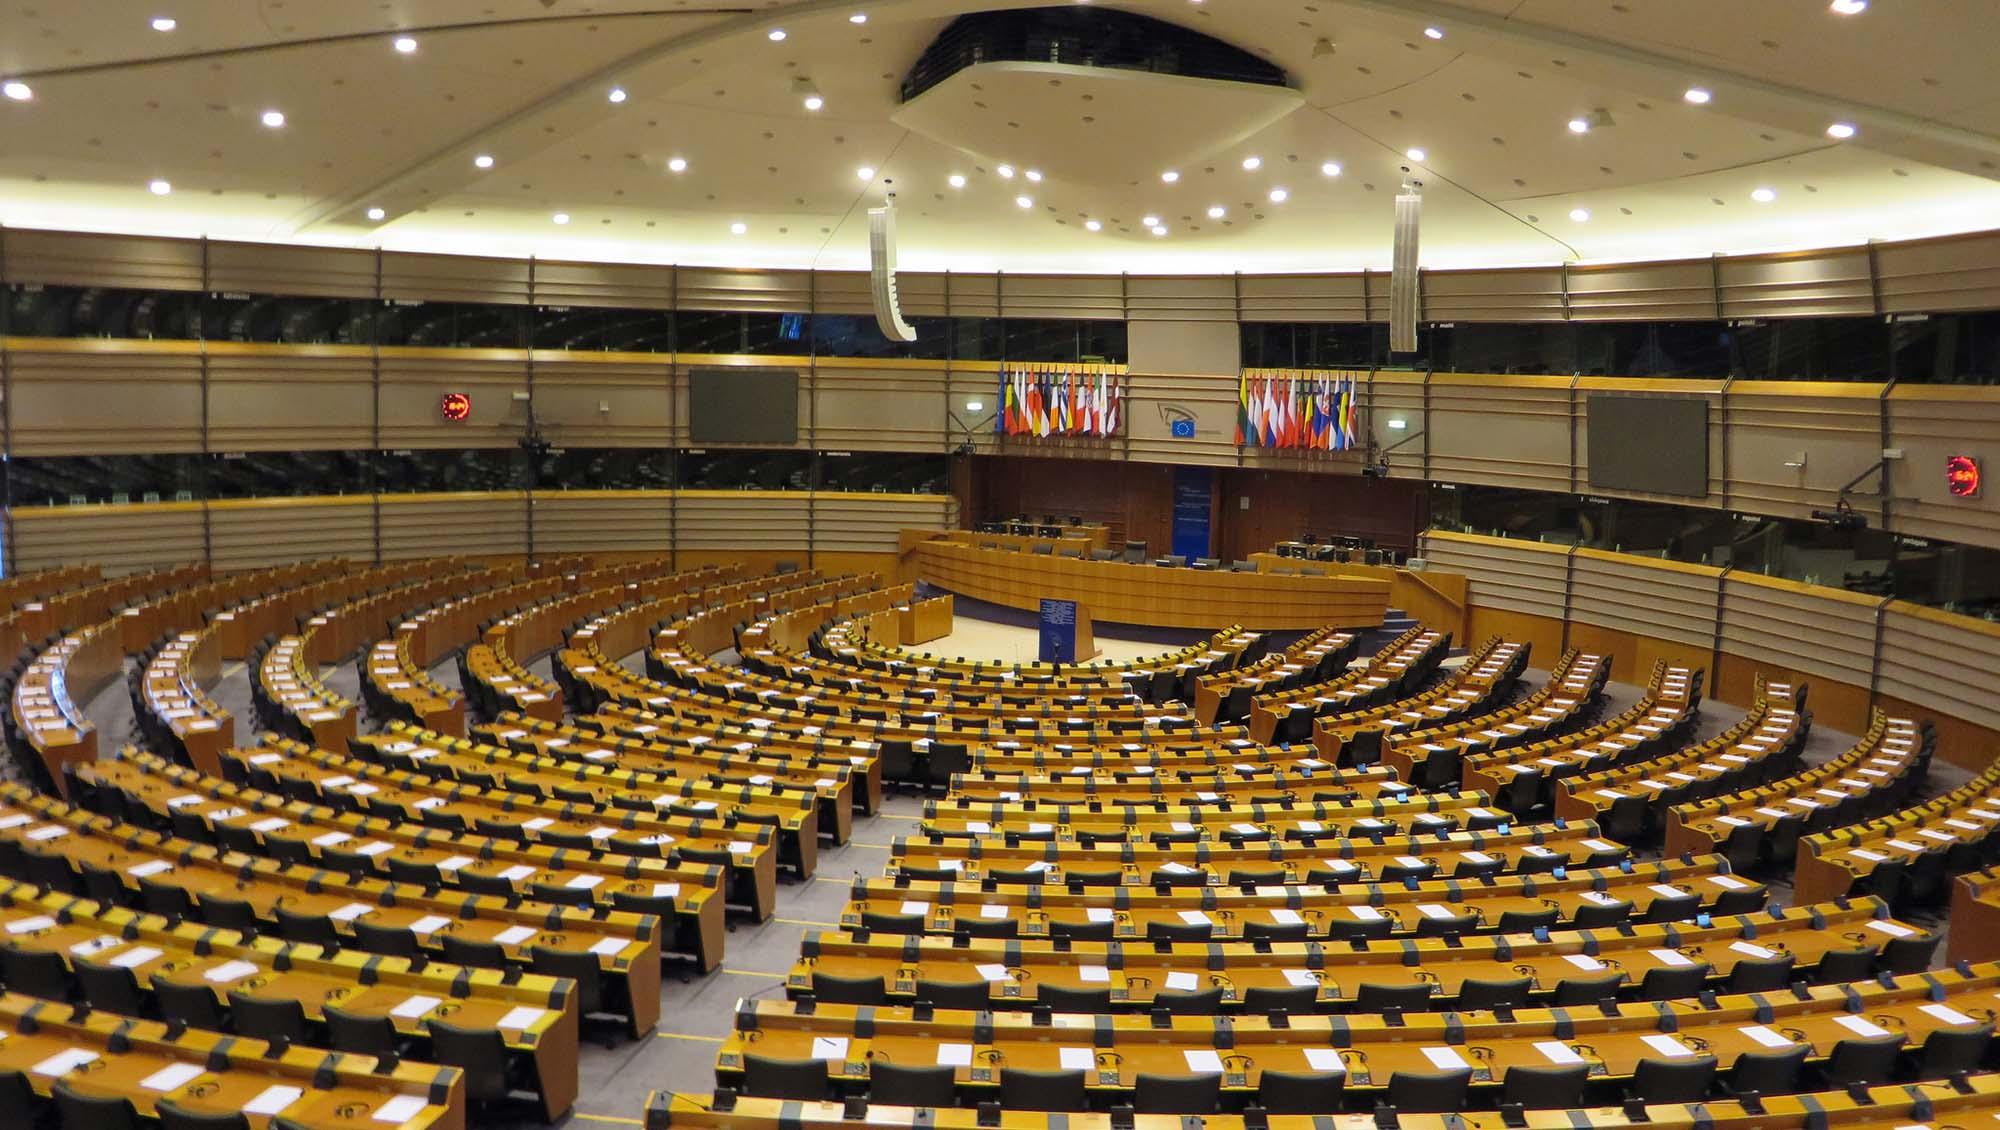 L'UE a caché une étude aux conclusions optimistes — Piratage